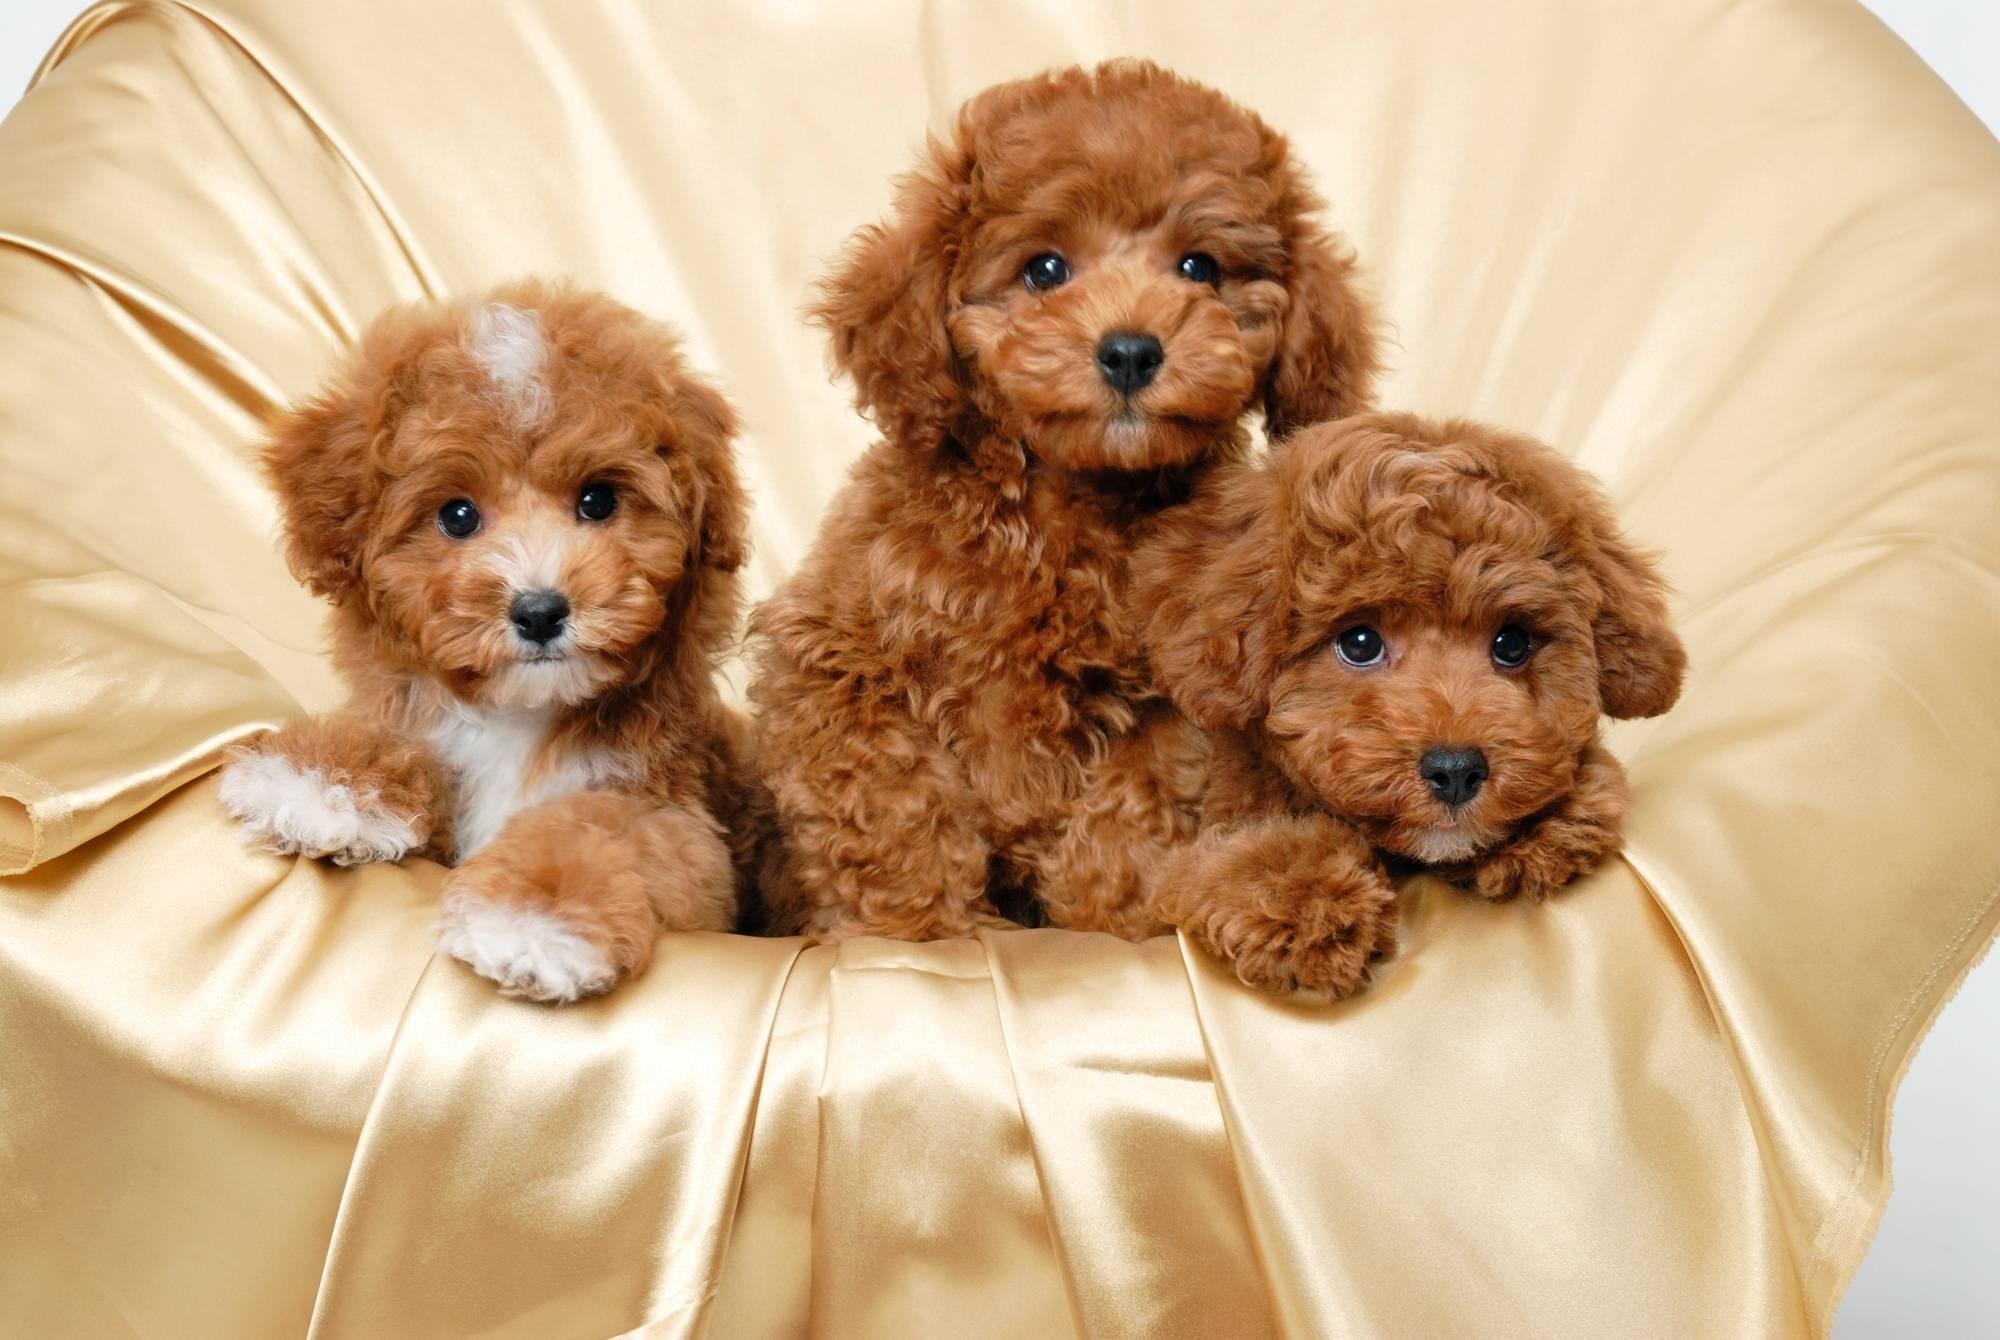 Особенности собак пушистых пород: виды, характеристика, уход за пушистыми собачками